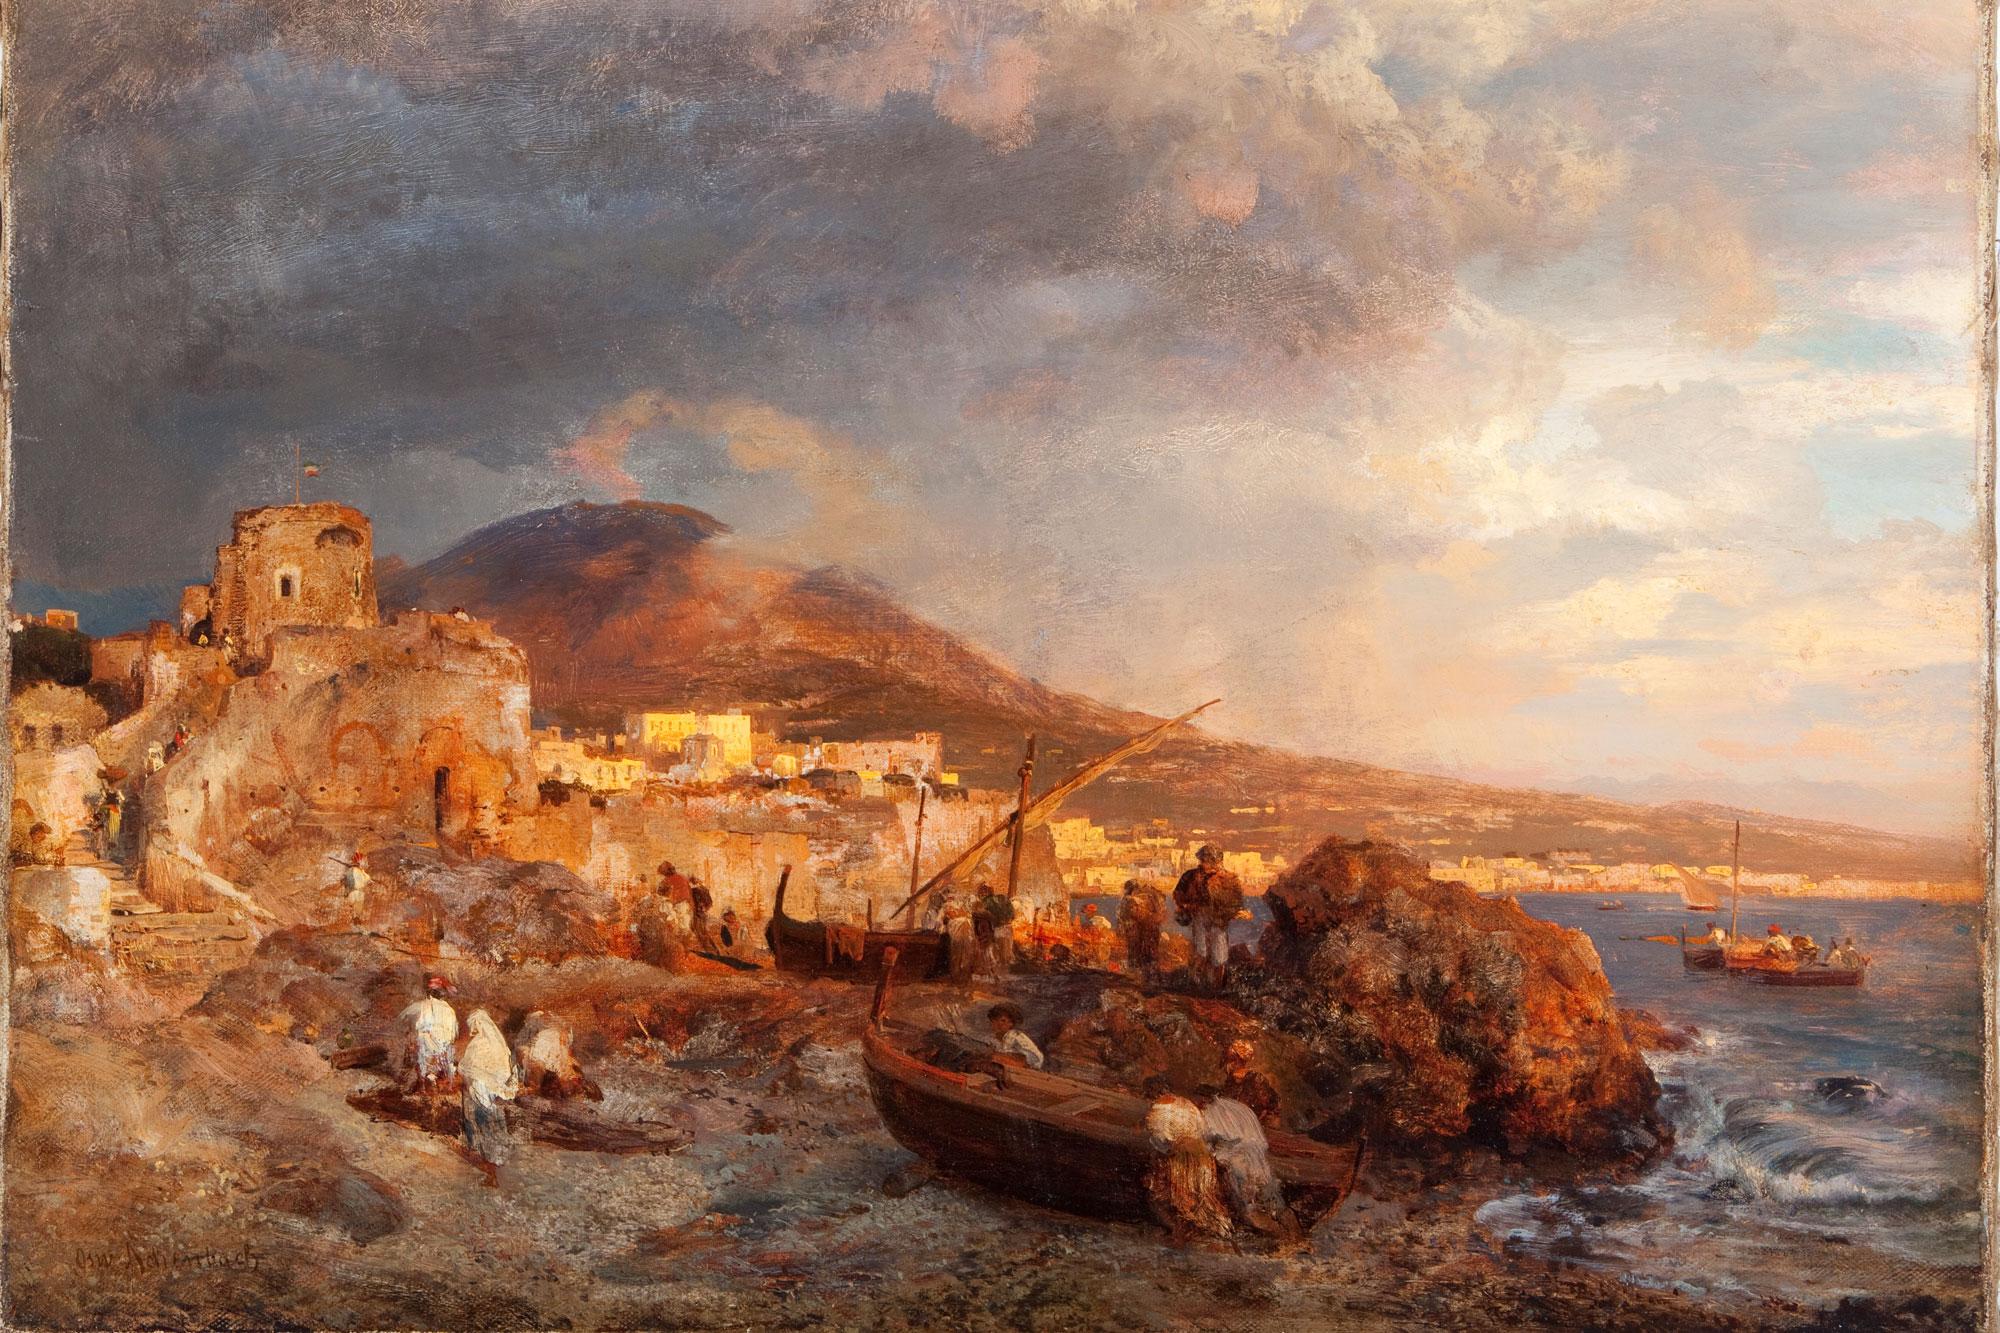 Oswald Achenbach (1827 – 1905) Bucht von Neapel Öl auf Leinwand, 45 x 64 cm Dr. Axe-Stiftung, Bonn. (Foto: Stadt Braunschweig)